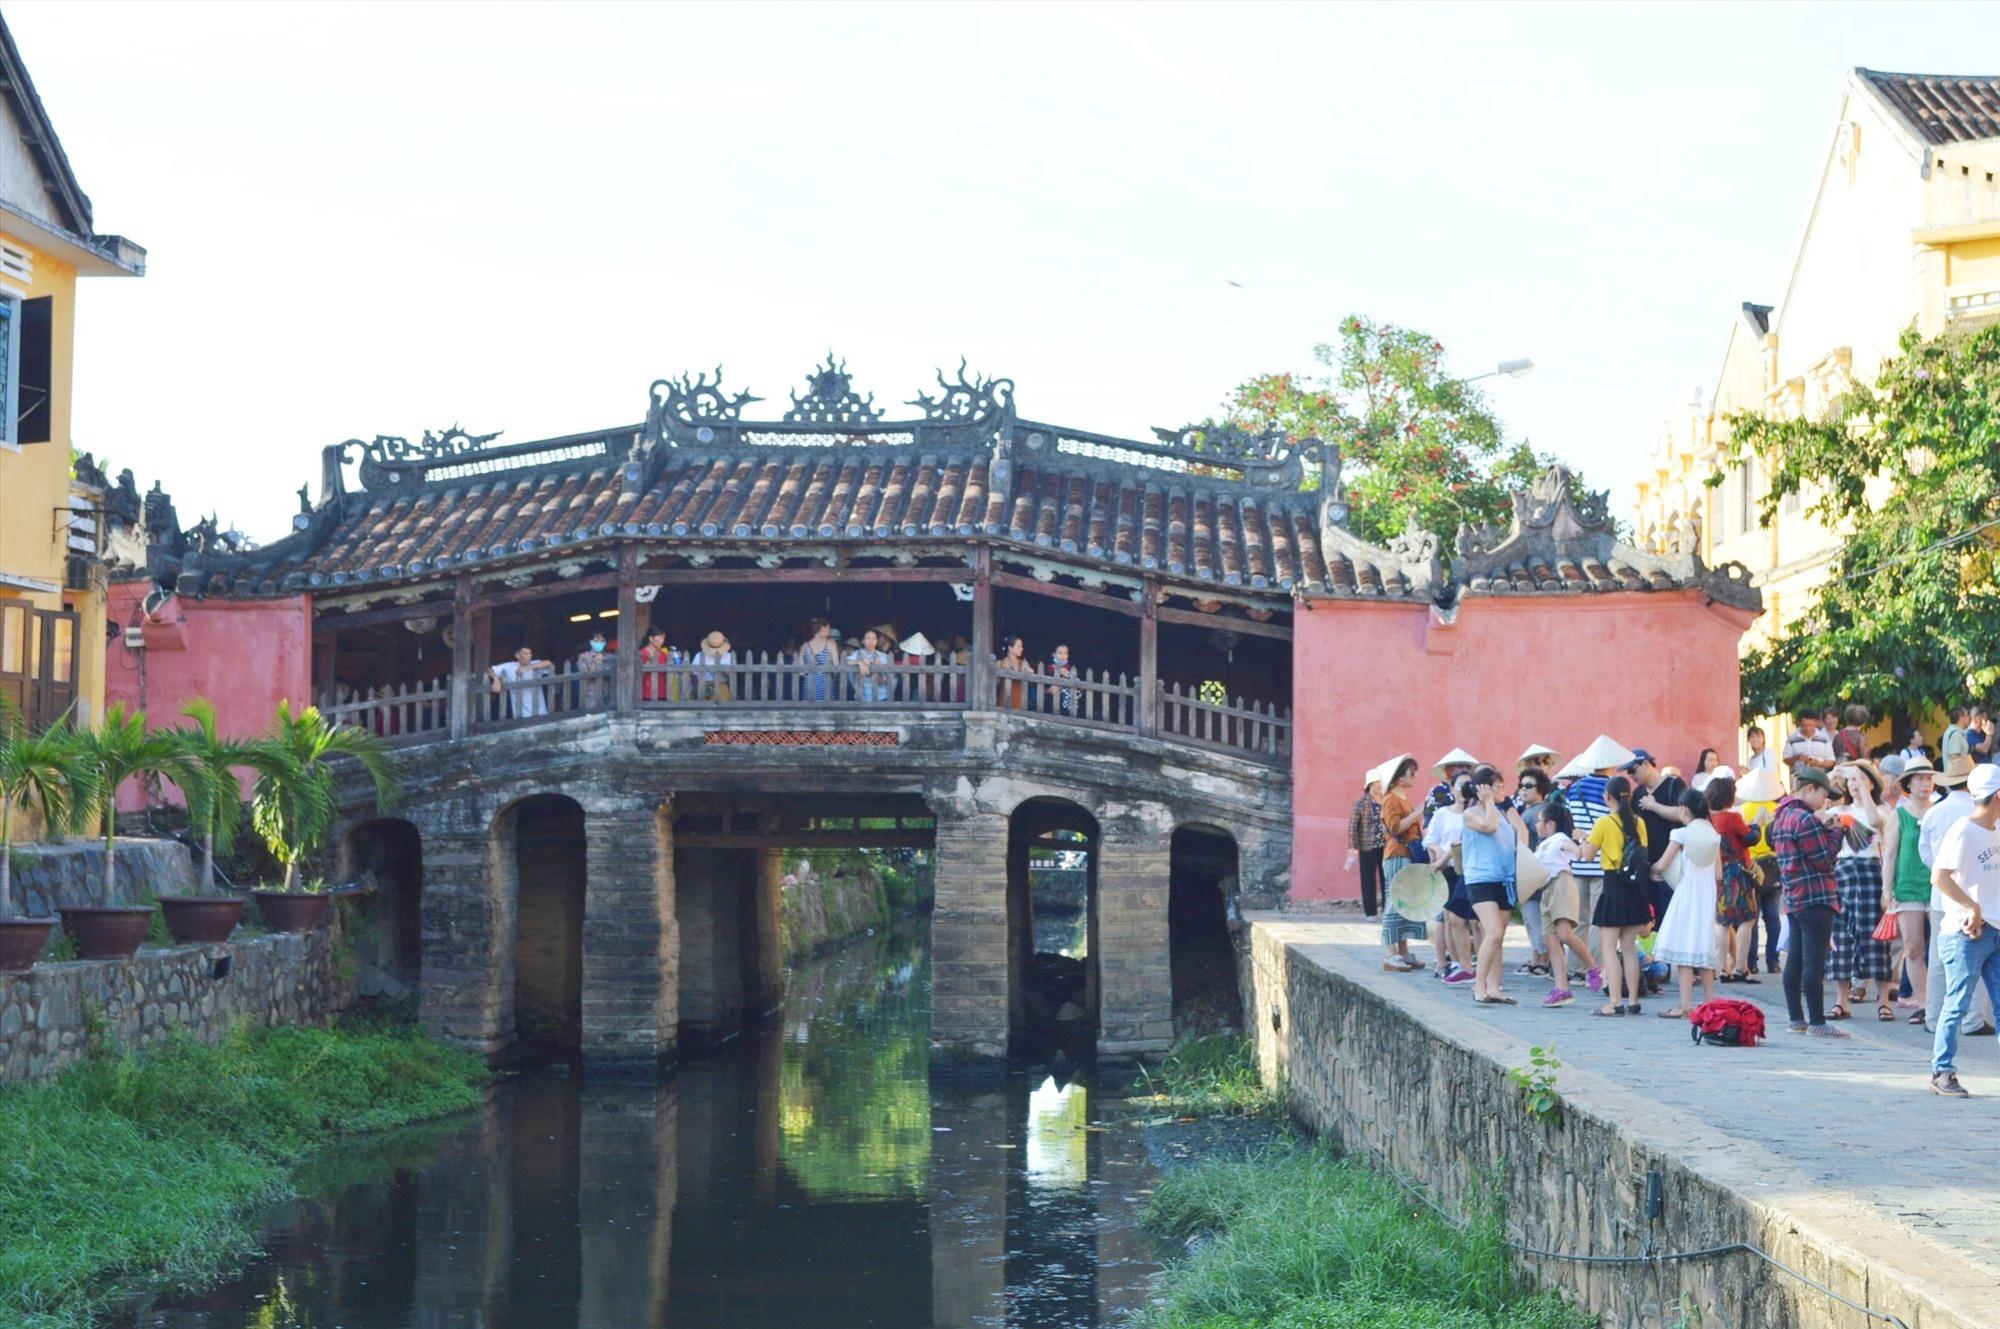 Di tích Chùa Cầu sẽ được hạ giải trùng tu trong năm 2021